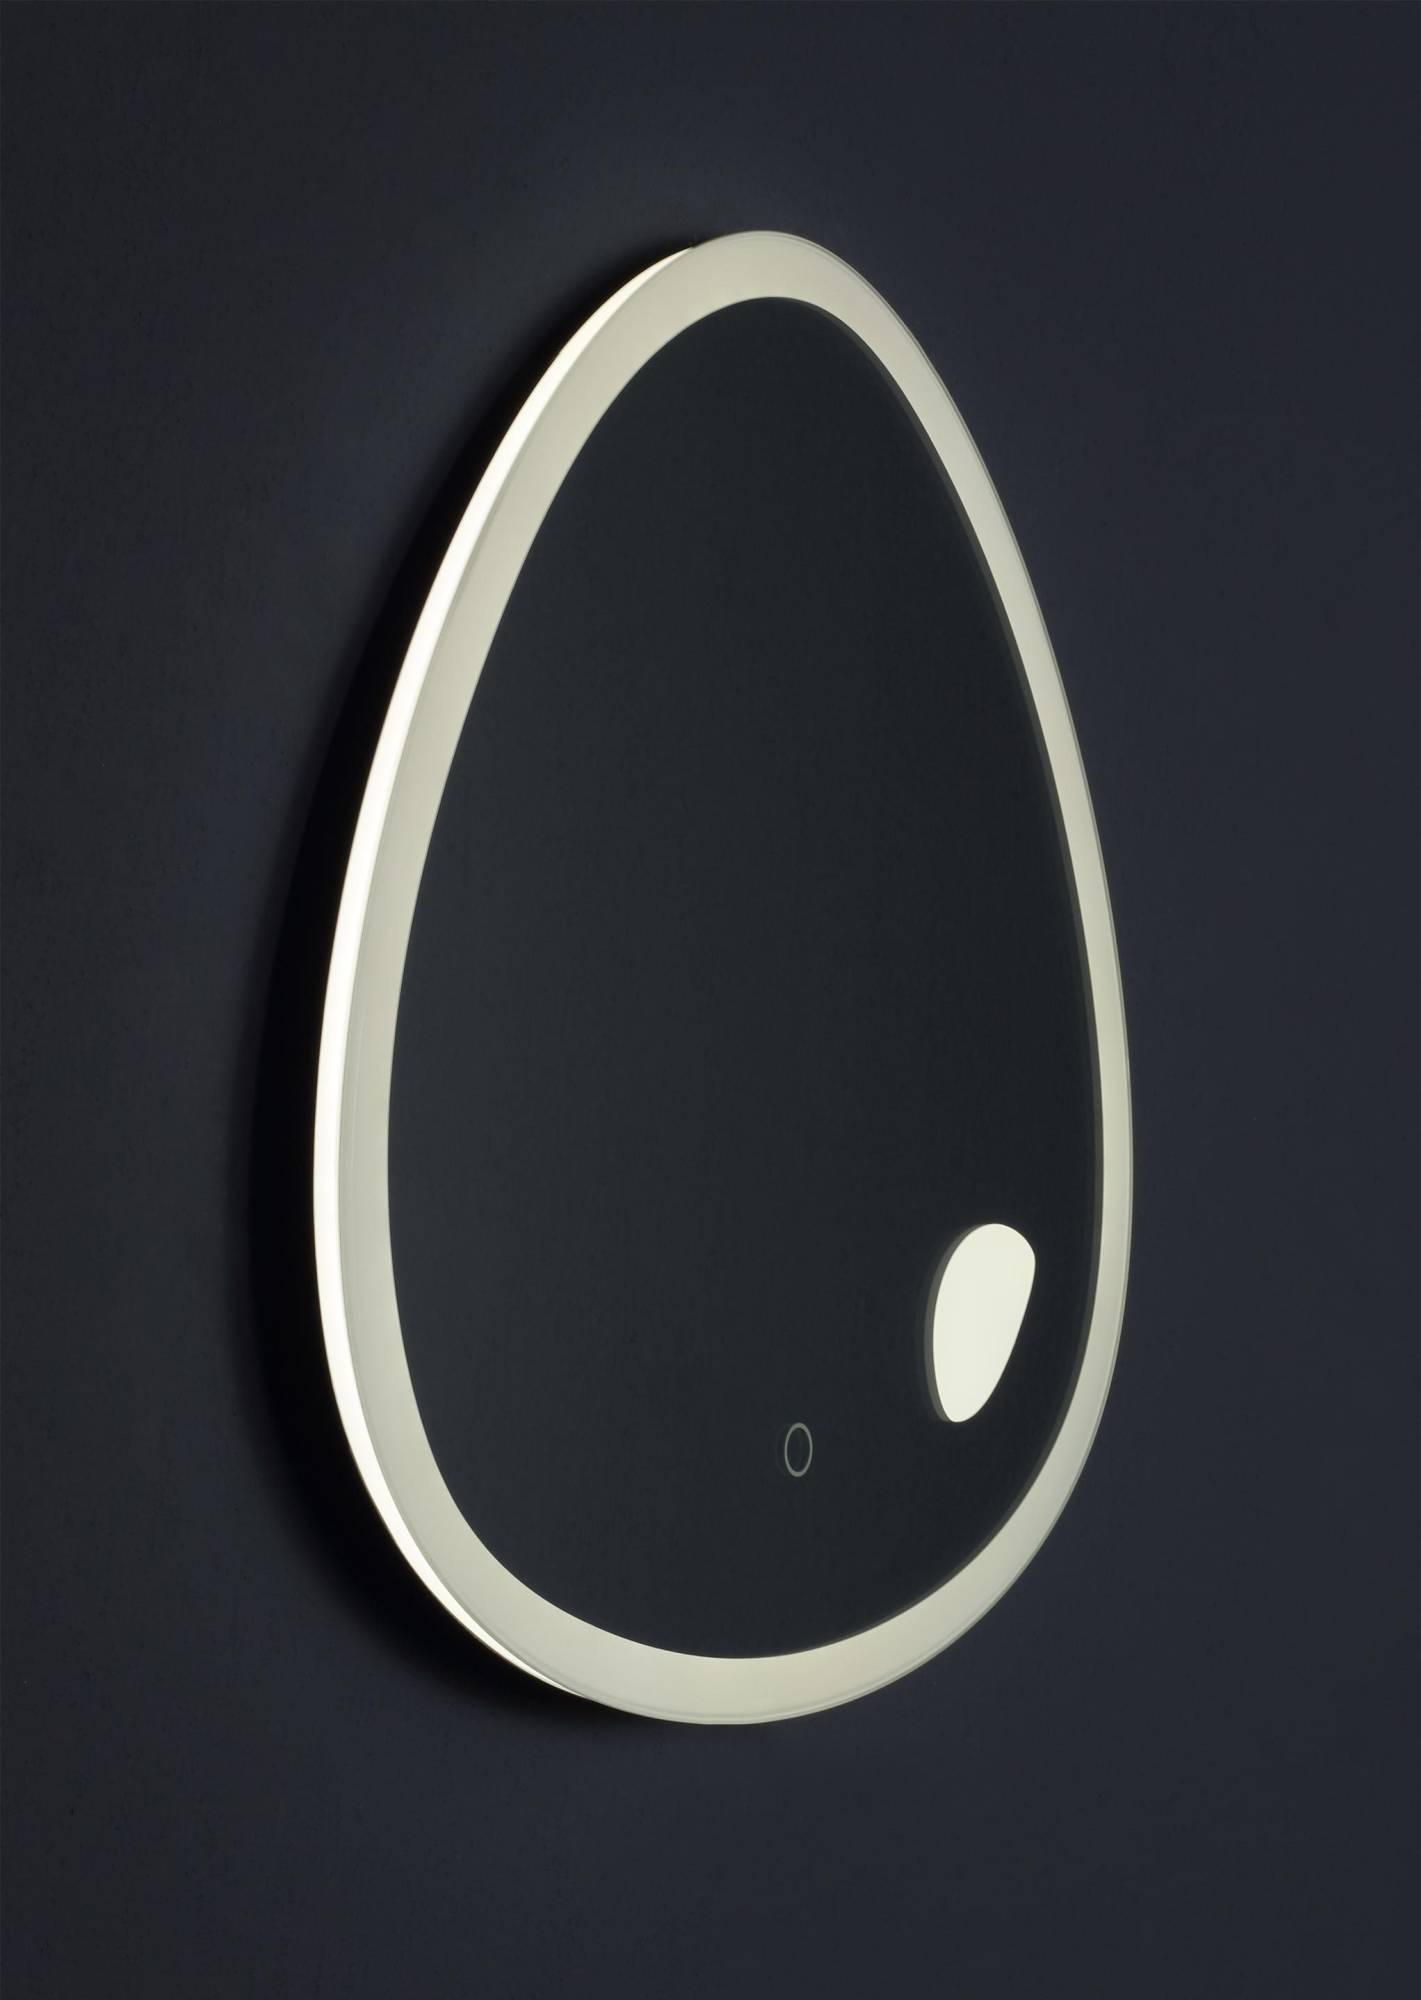 miroir_salle de bain_vanita_e_casa_-_quasar2